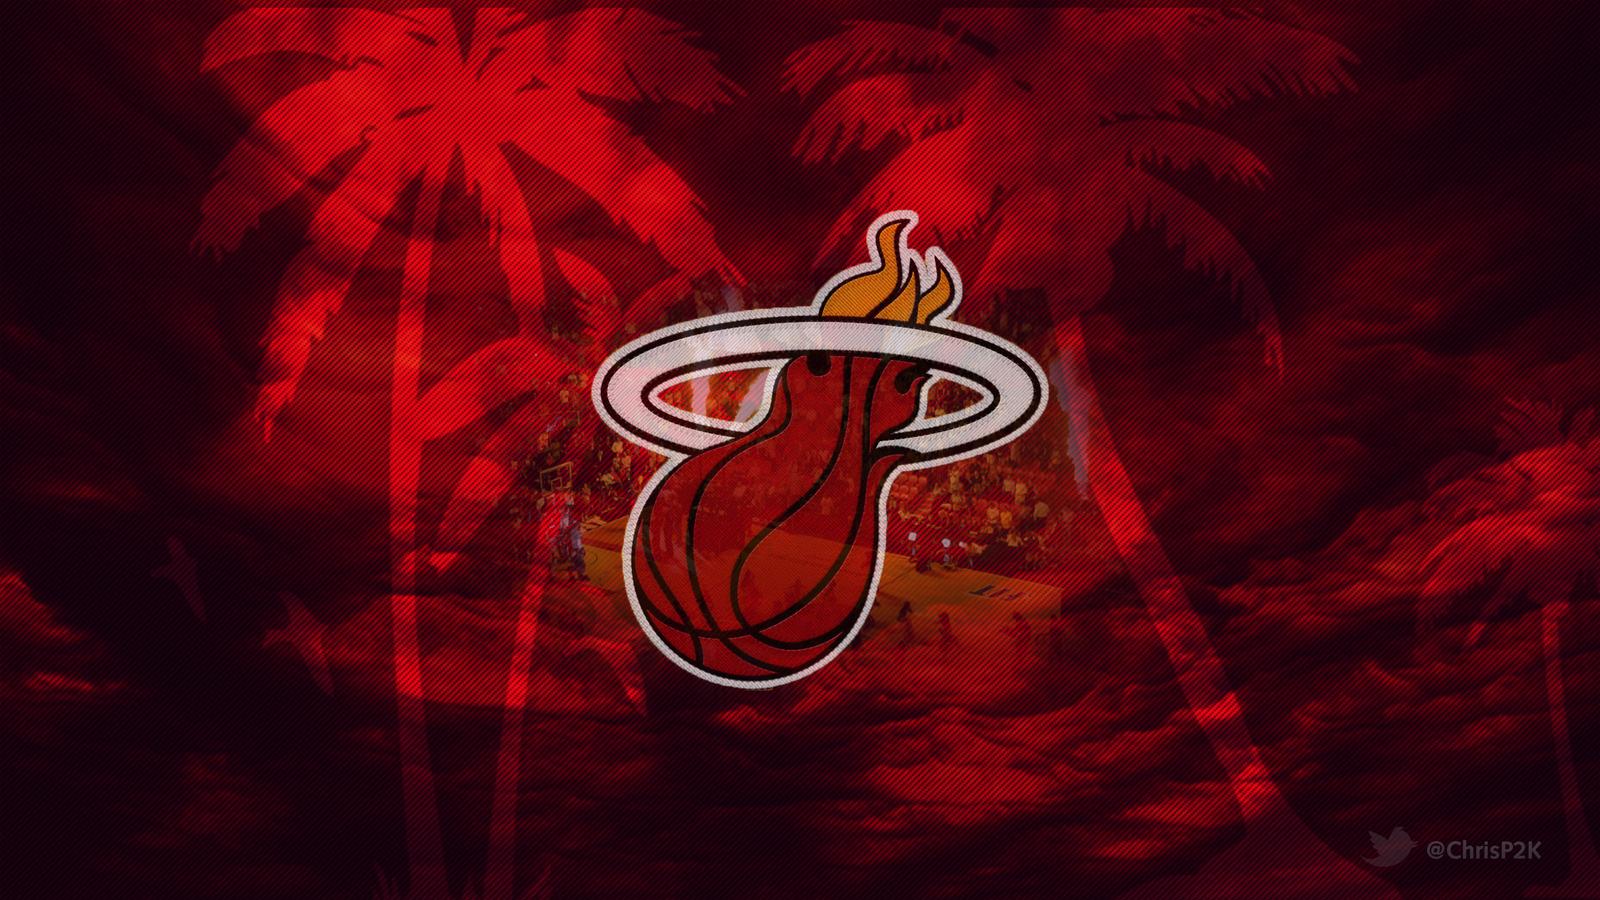 Miami Heat 2013 Wallpaper by chris73516 1600x900